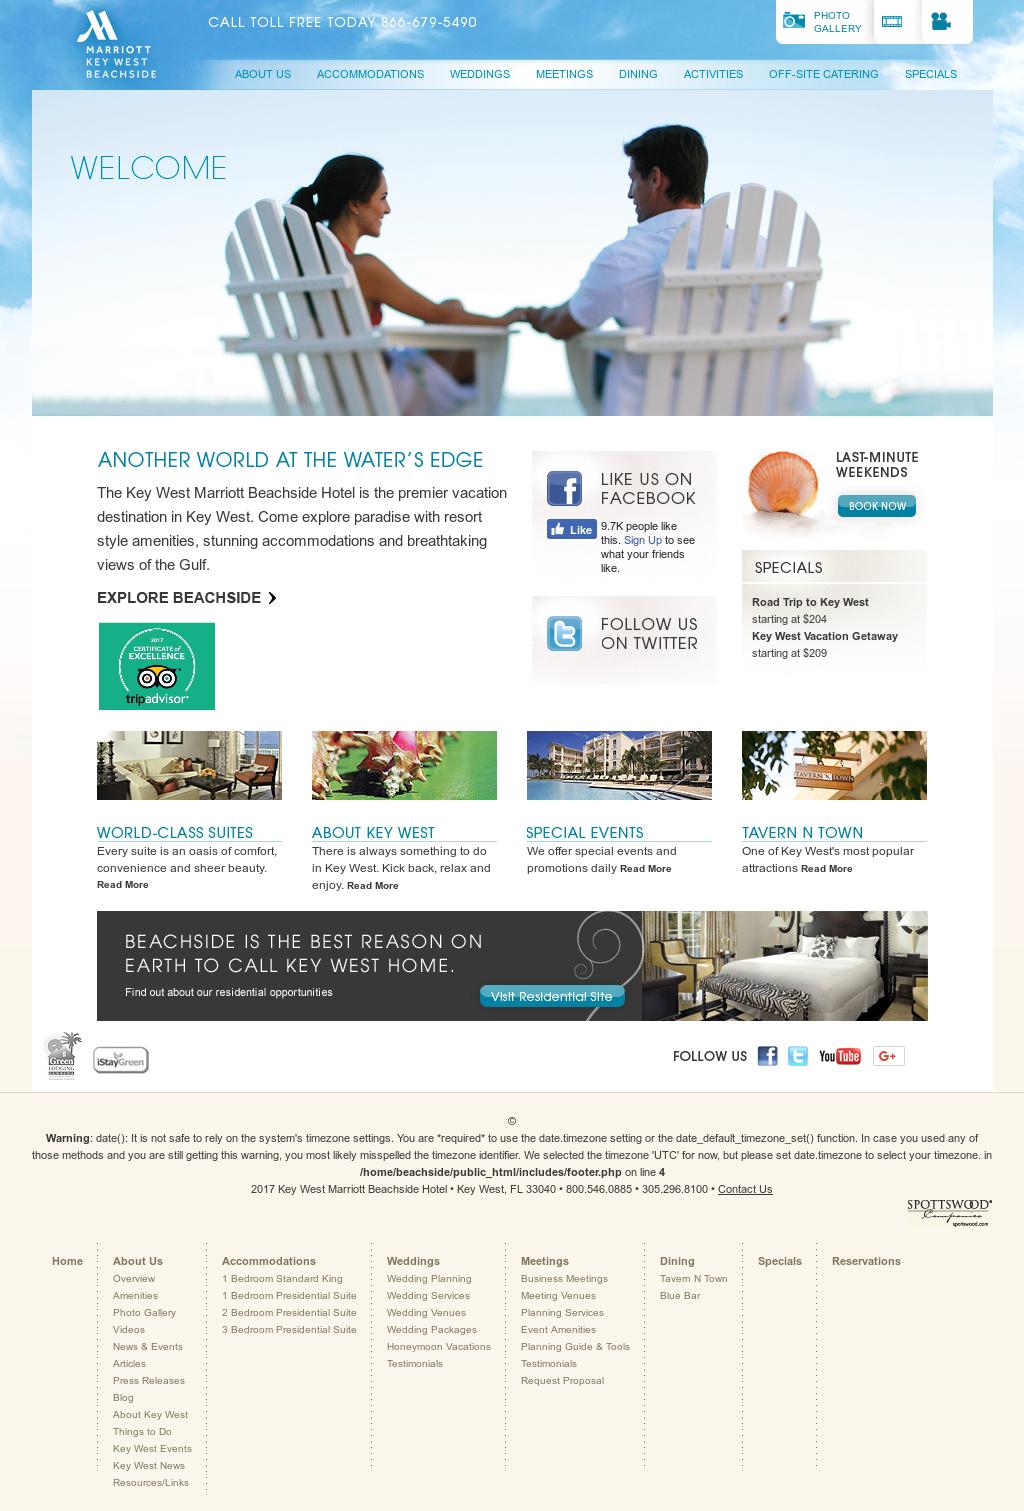 Key West Marriott 3 Bedroom Presidential Suite